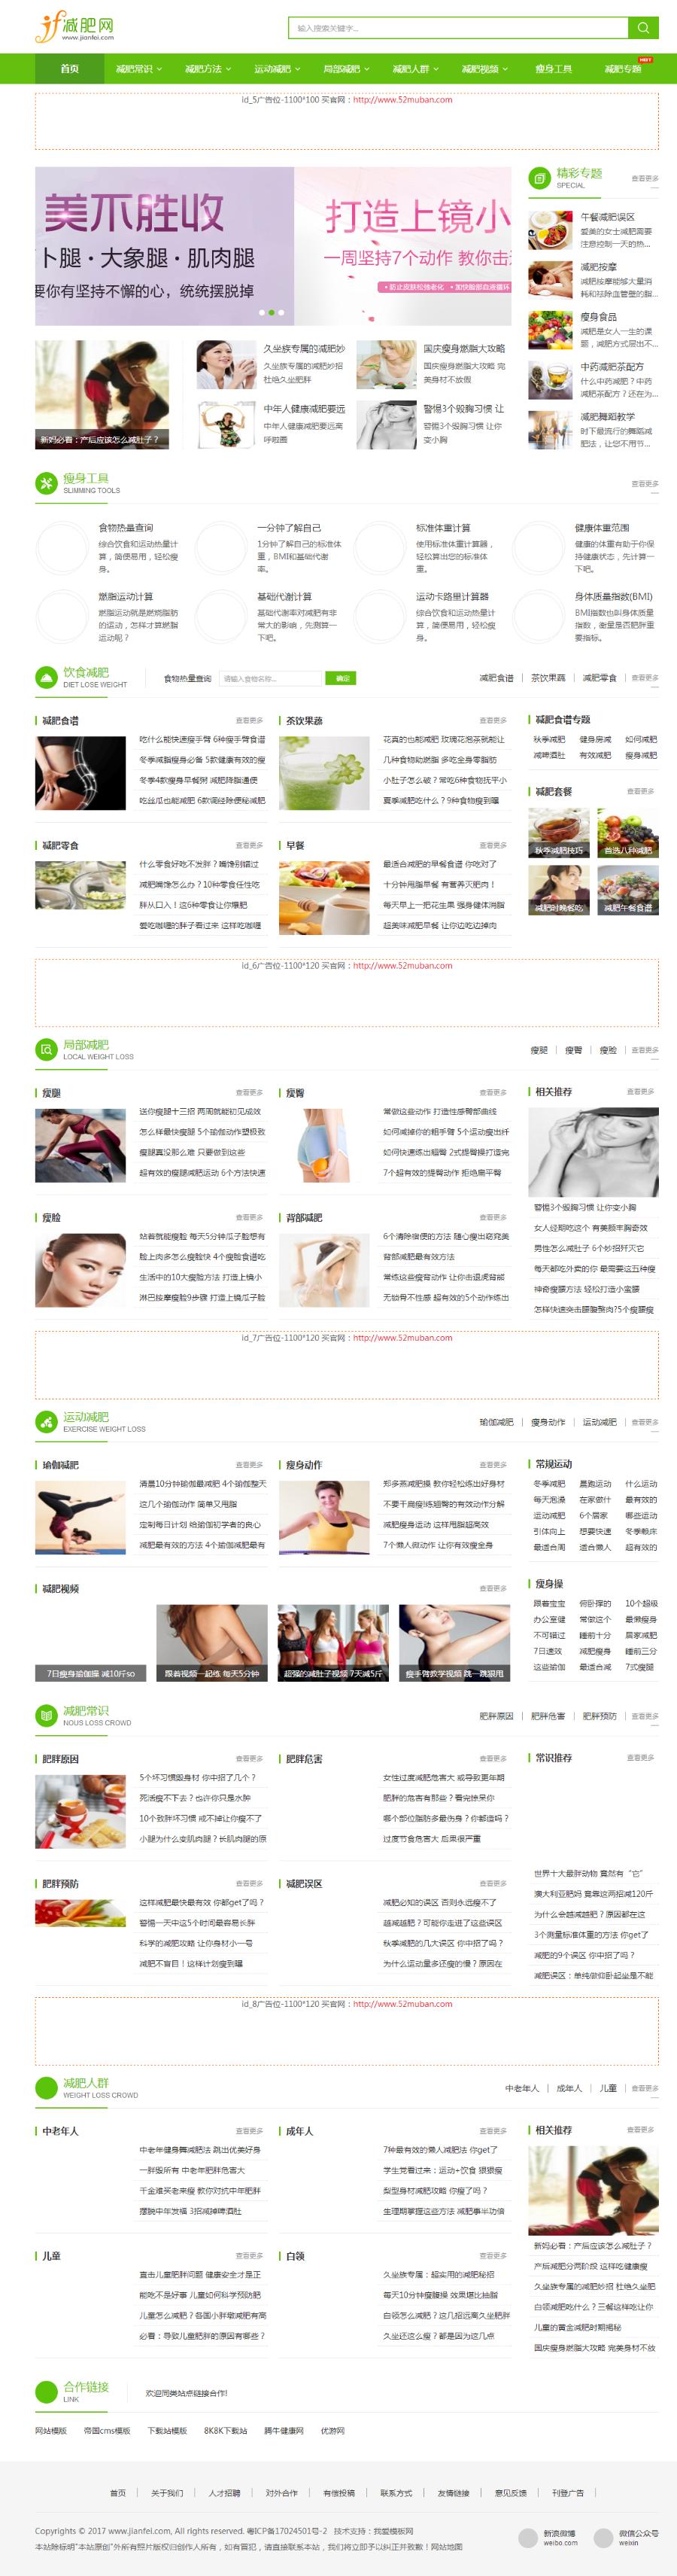 仿《减肥网》源码 最新减肥网站模板 减肥资讯源码帝国cms